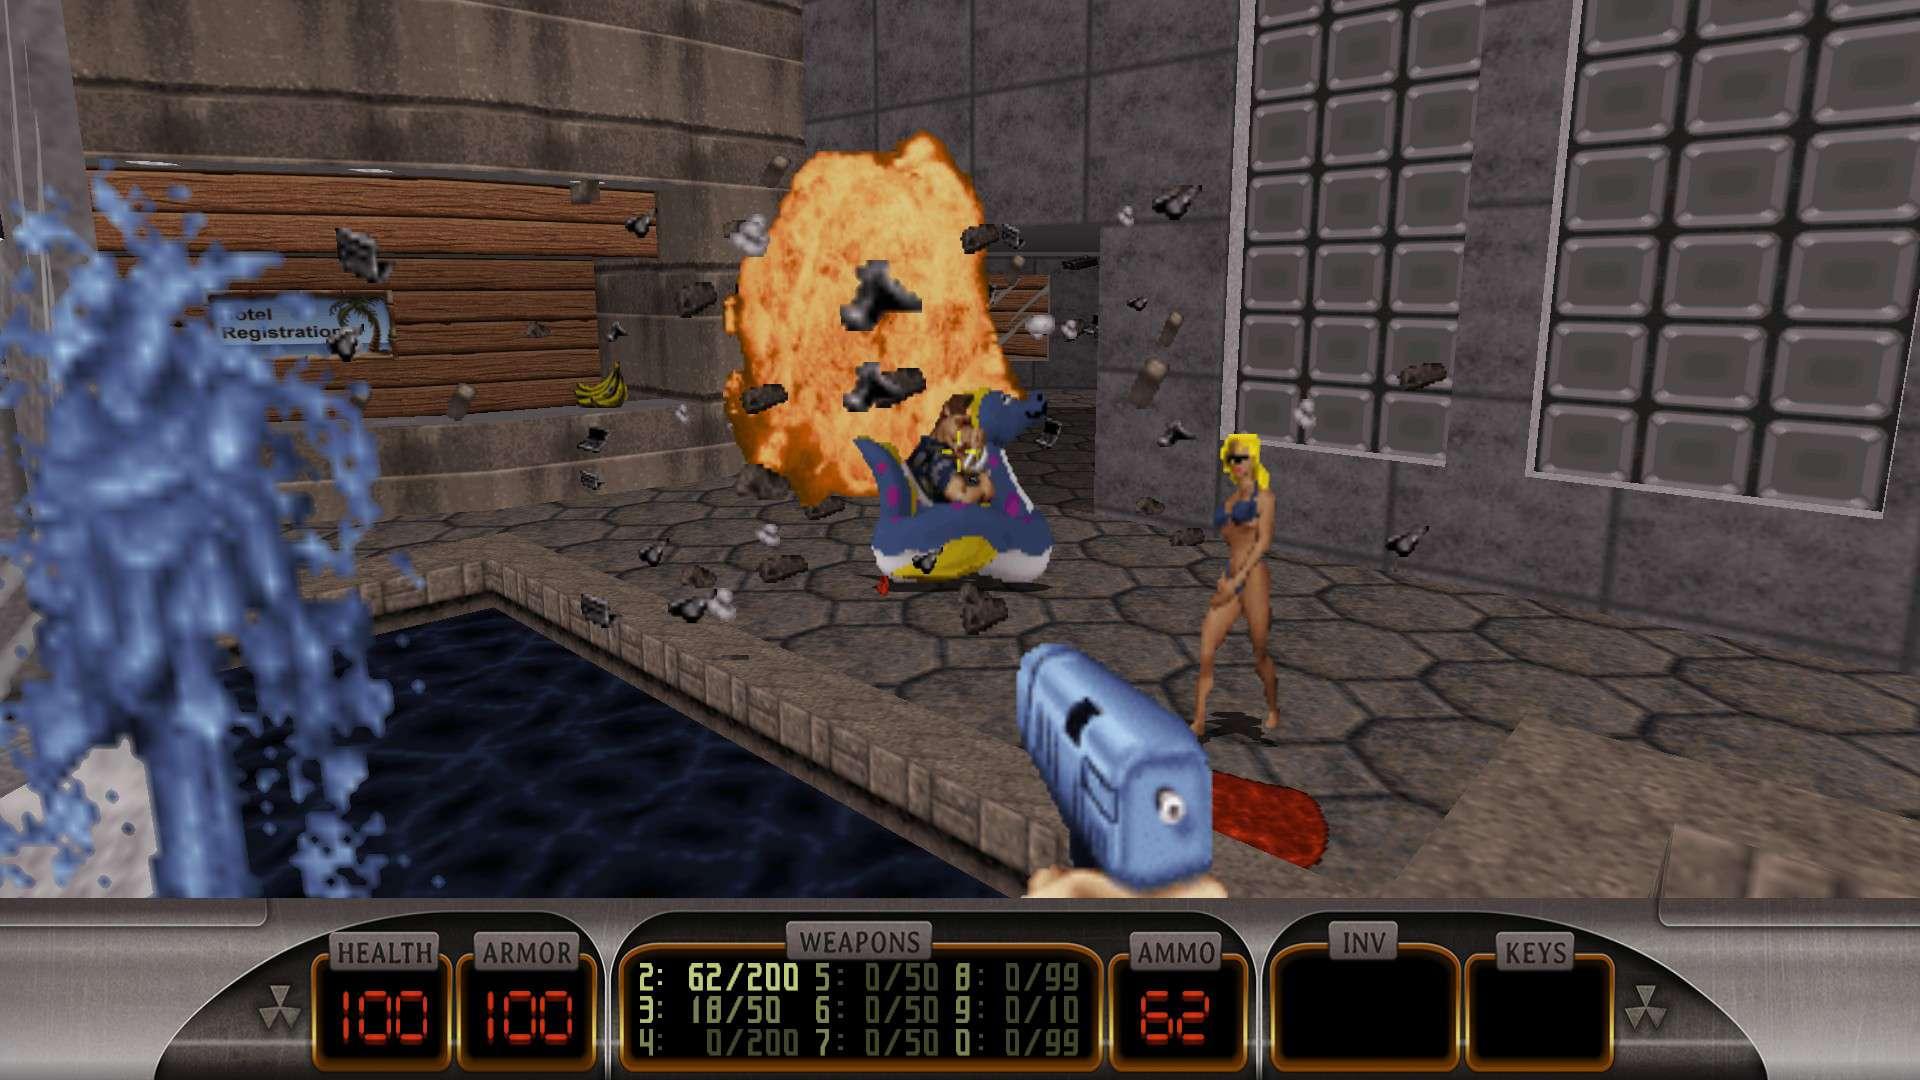 Duke nukem 3d: megaton edition archives | brutal gamer.